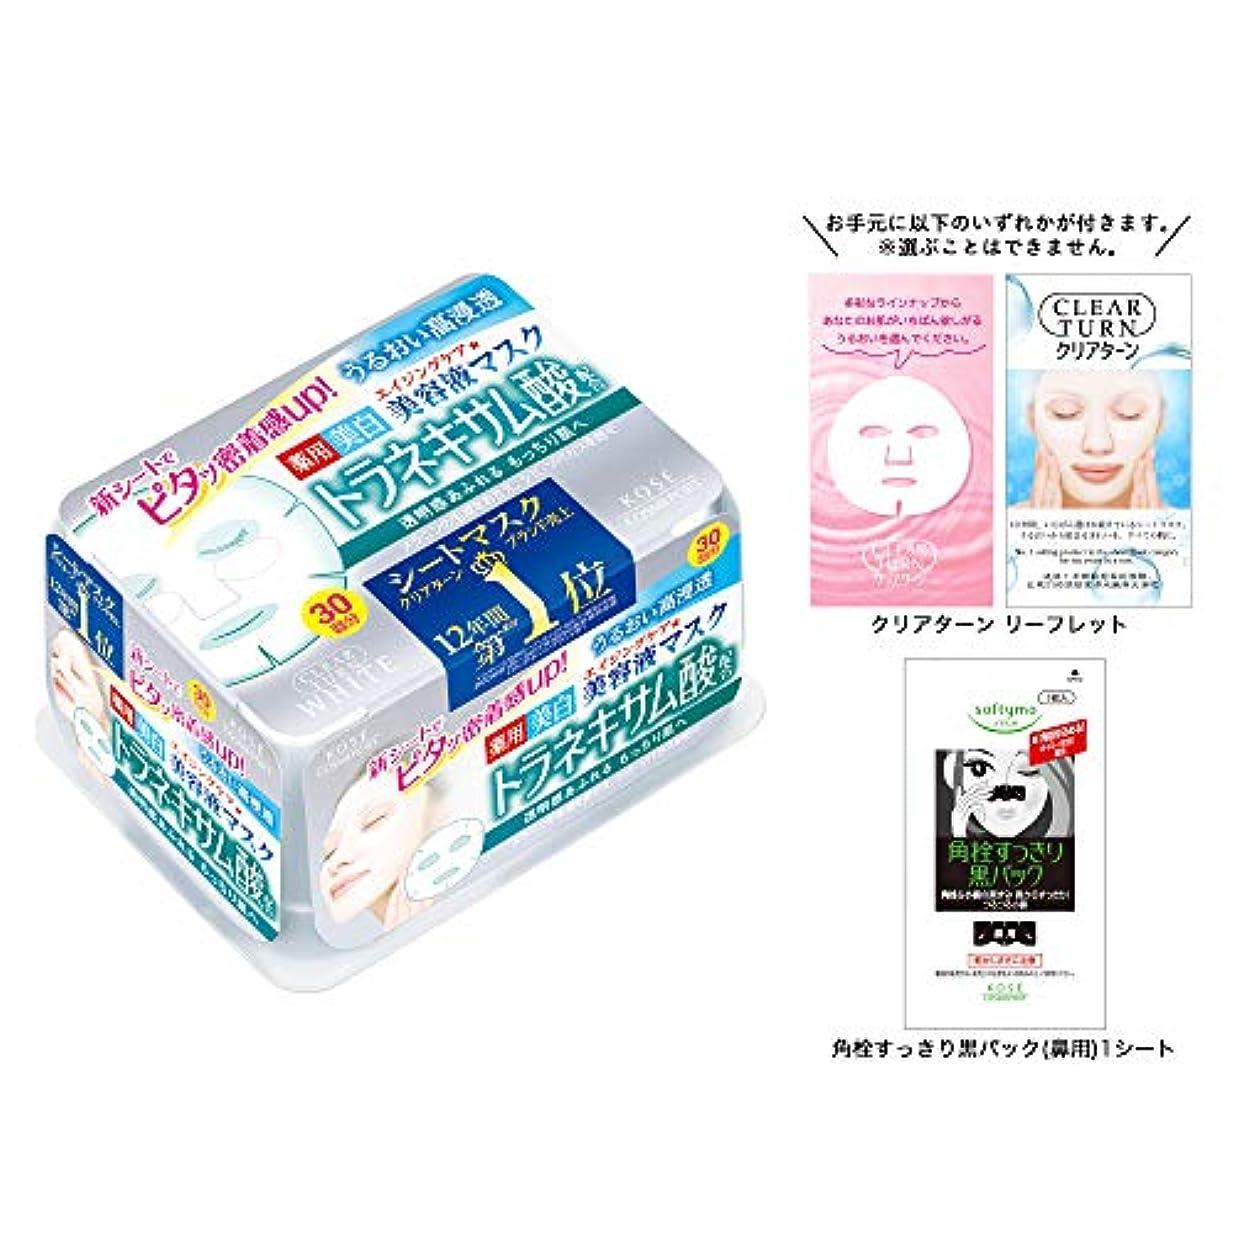 フィードオンアボートとんでもない【Amazon.co.jp限定】KOSE コーセー クリアターン エッセンス マスク (トラネキサム酸) 30枚 おまけ付 フェイスマスク (医薬部外品)